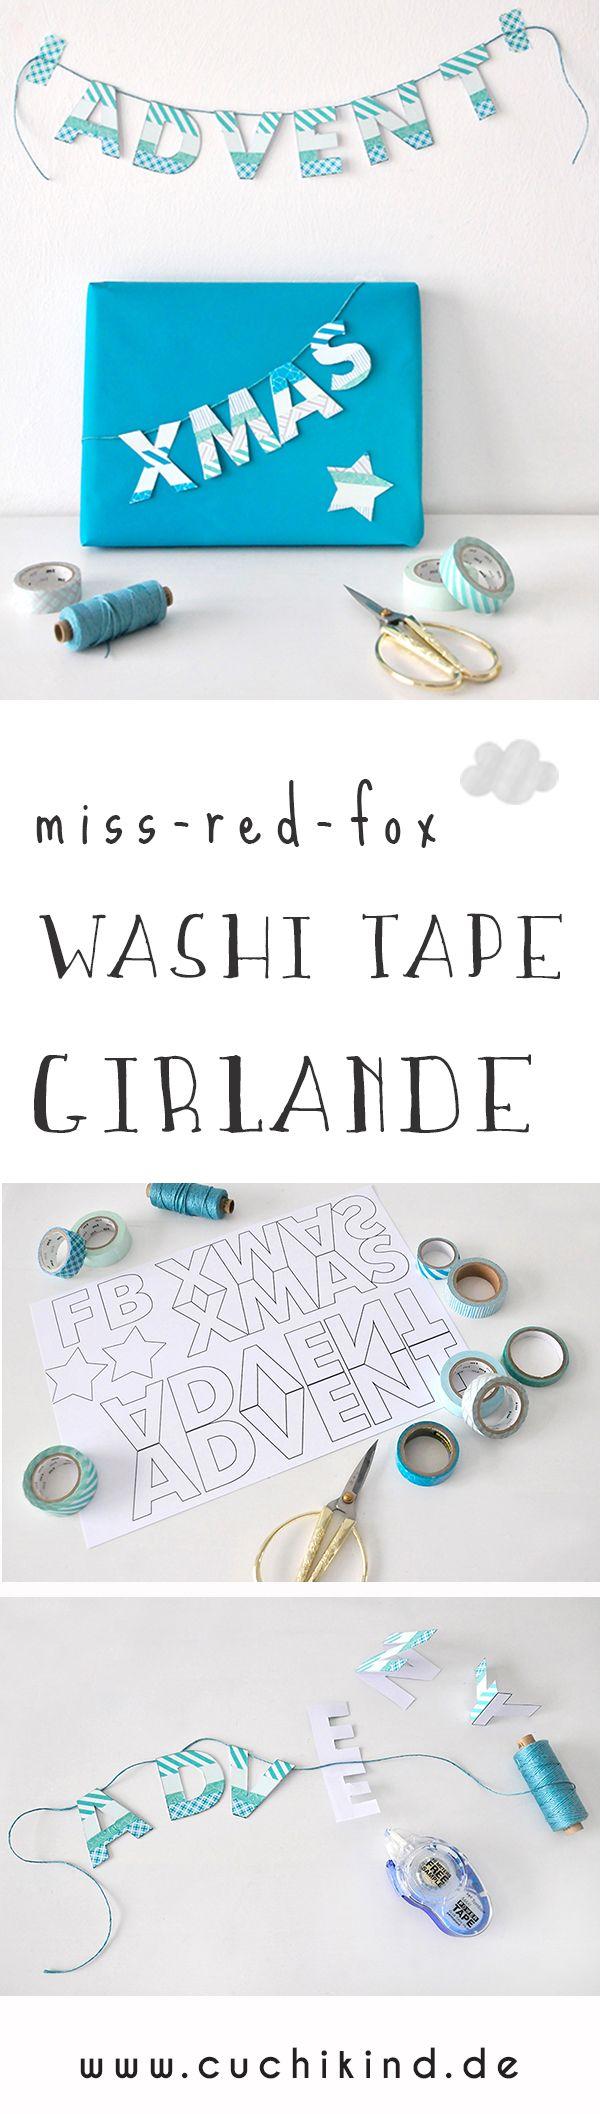 Buchstaben aus Washi Tape für Girlanden oder Geschenkverpackungen. #washitape #geschenkverpackung #girlande #buchstaben #geschenk